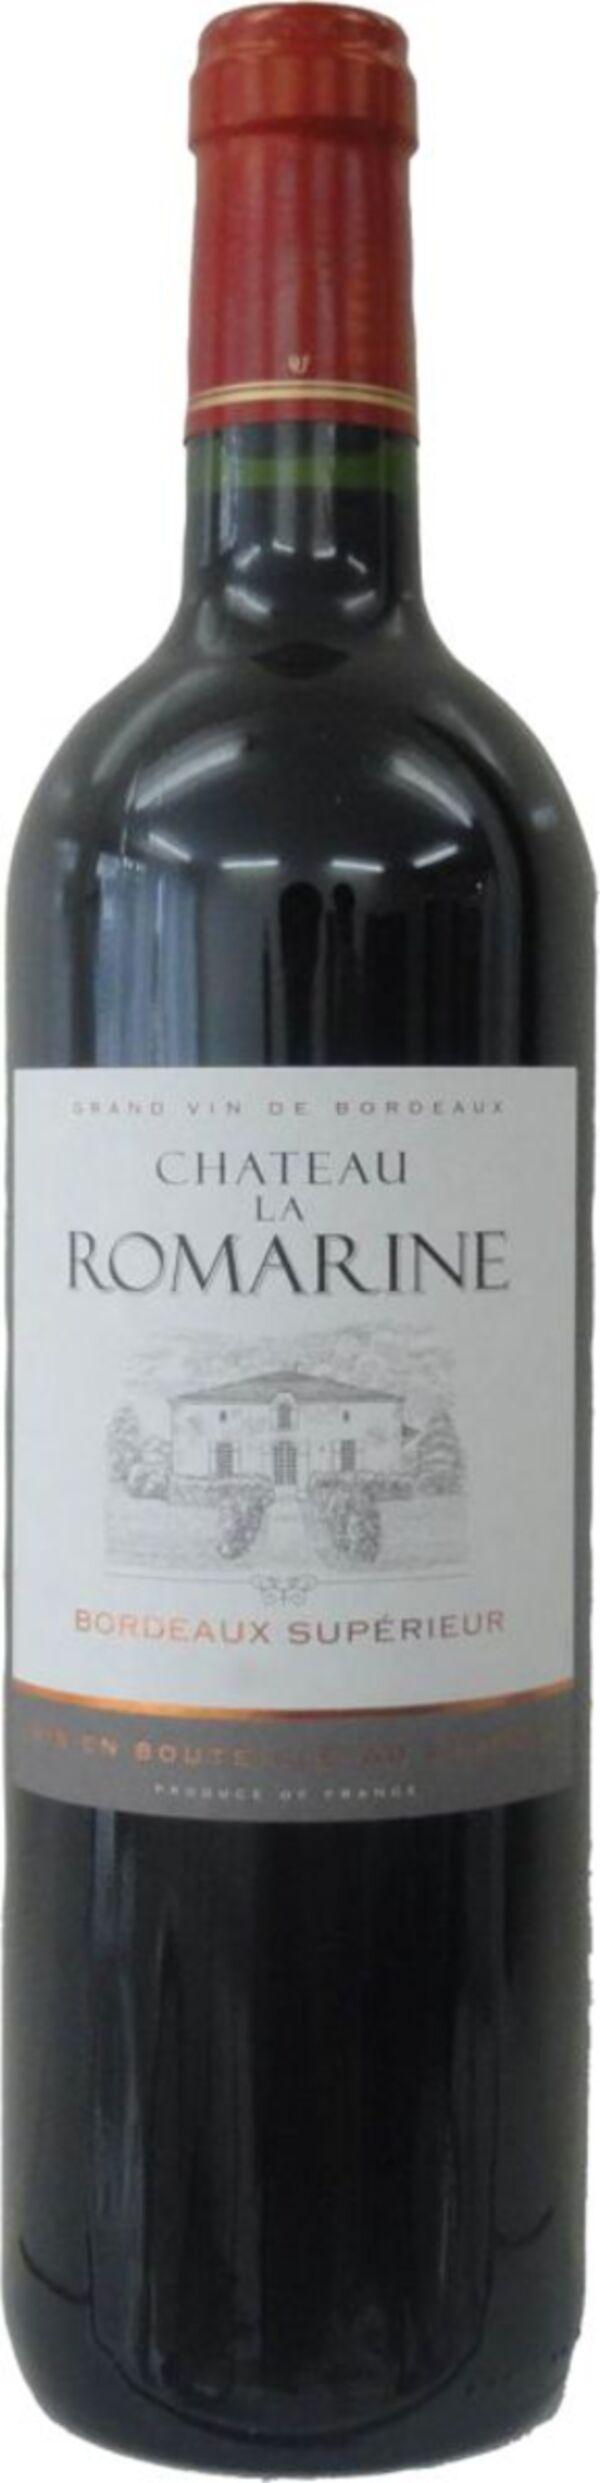 Chateau La Romarine AOC Bordeaux Supe, 0,75 Liter